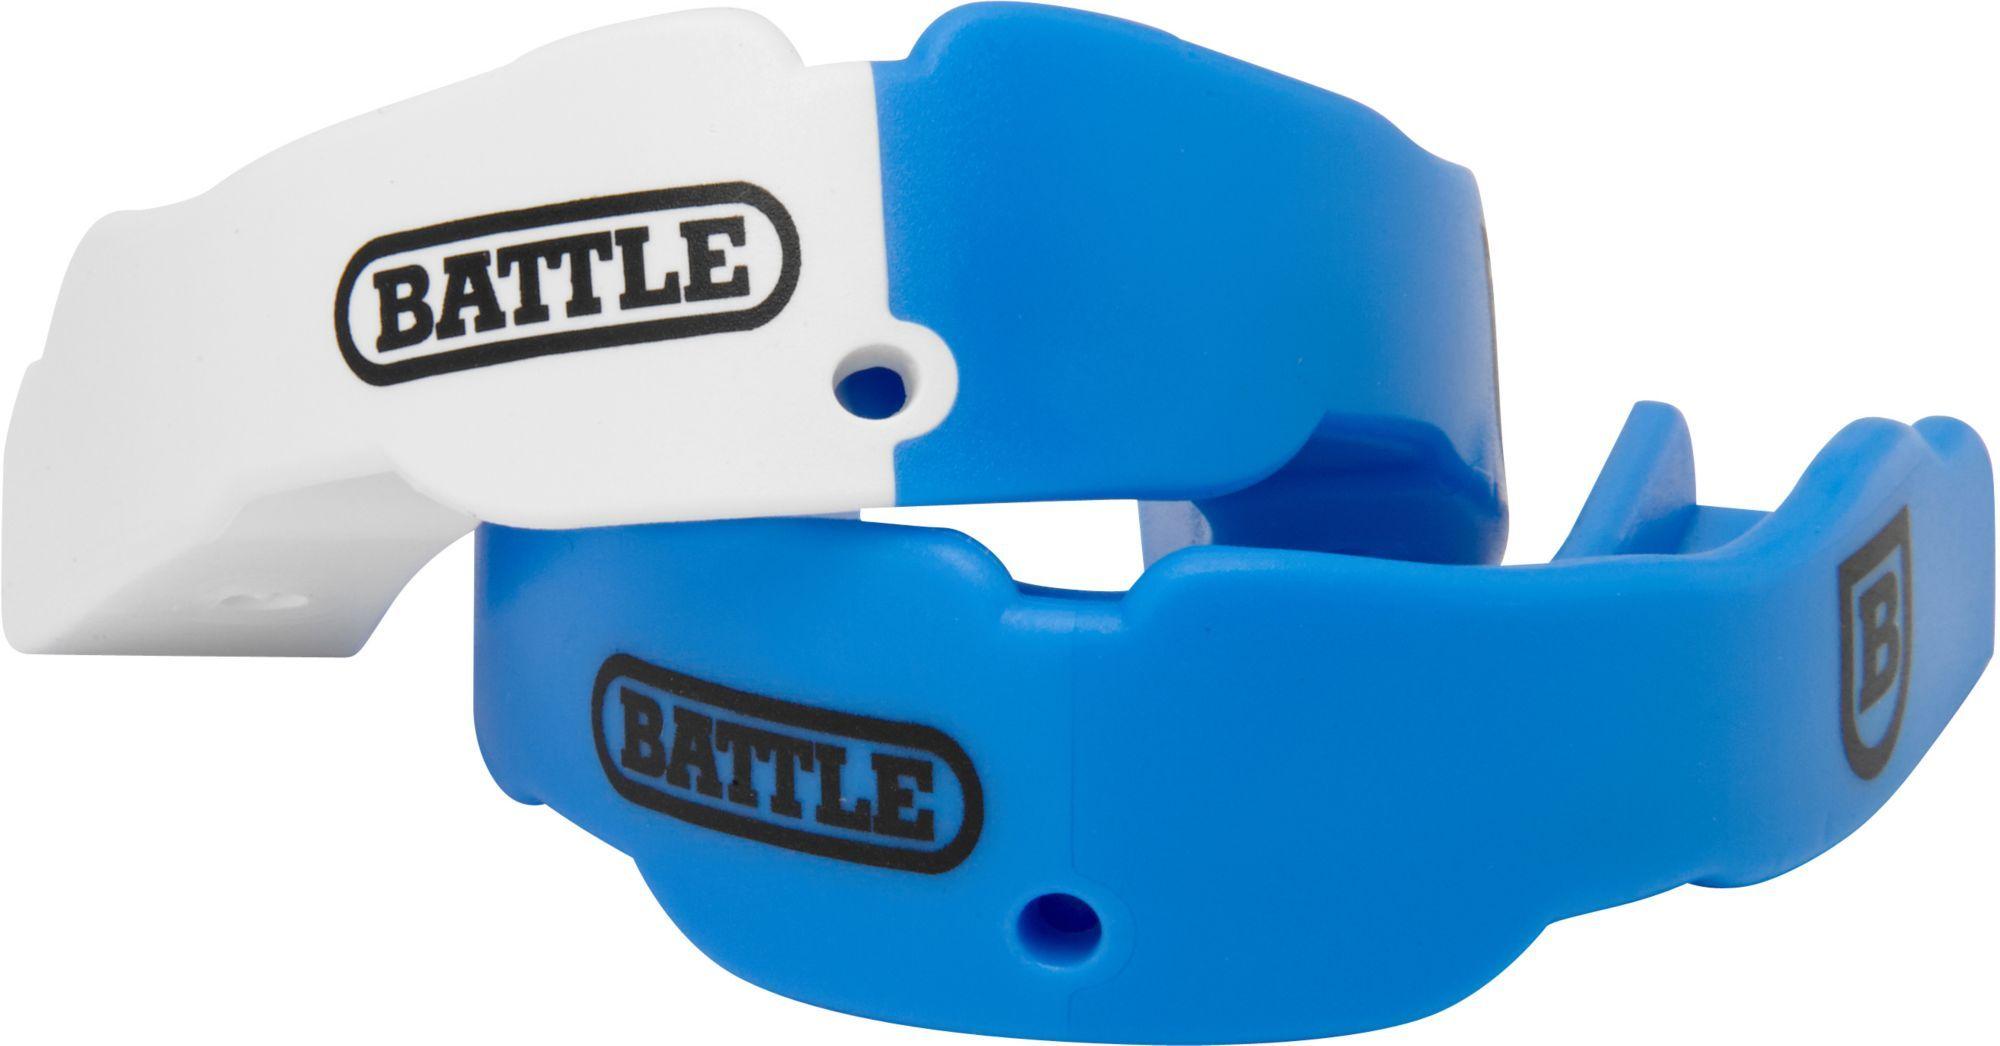 Battle adult twocolor mouthguards mouth guard battle